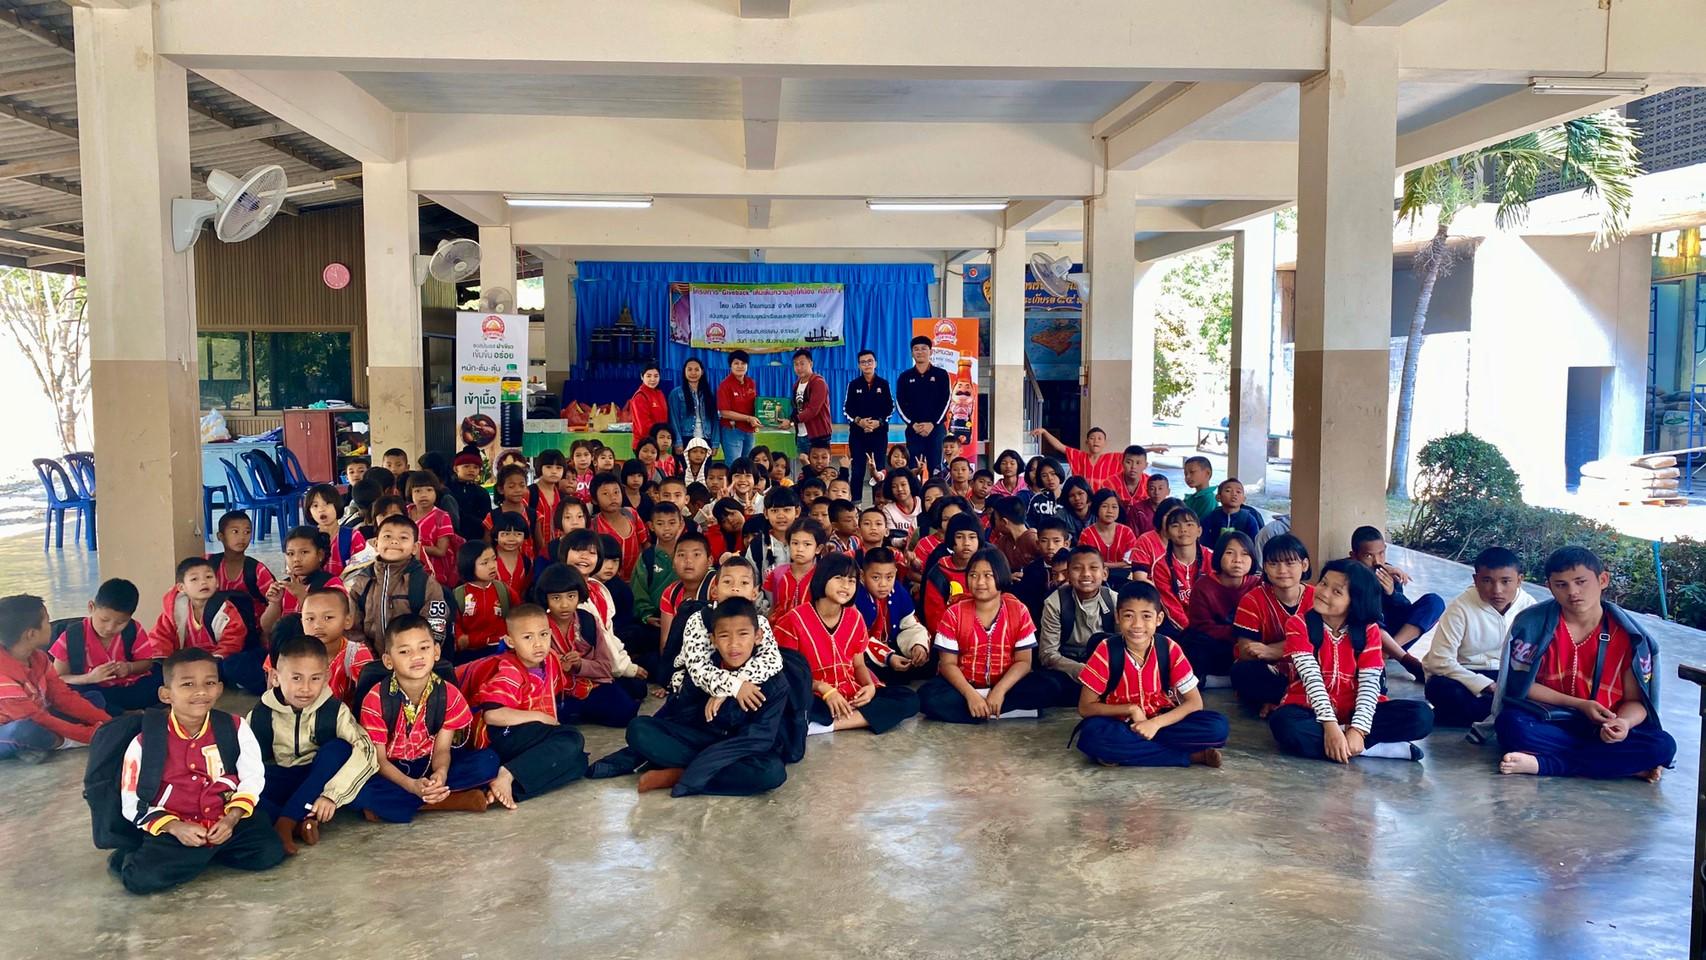 """""""ภูเขาทอง"""" จัดโครงการ """"GiveBack เติมเต็มความสุขให้น้อง"""" ครั้งที่ 4 ณ โรงเรียนสินแร่สยาม จ.ราชบุรี เมื่อวันที่ 13 – 15 ธันวาคม 2562 ที่ผ่านมา"""